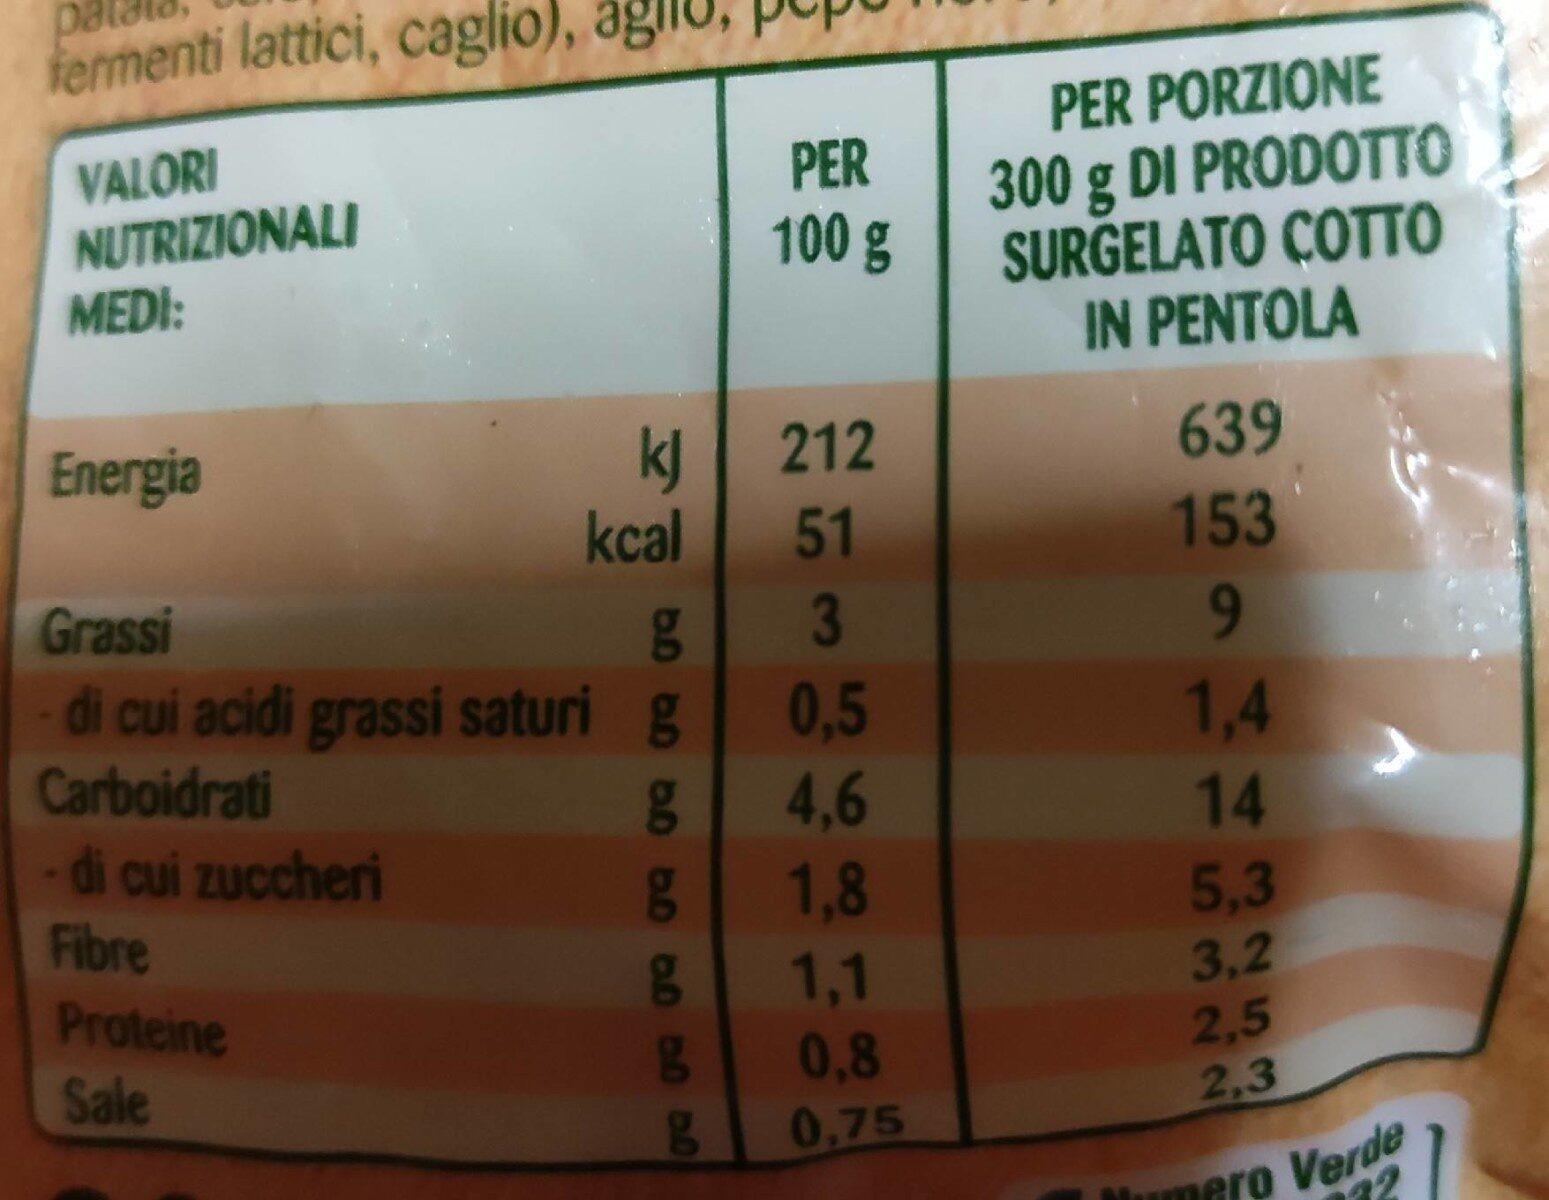 Cremosa zucca e carità del fucino - Informations nutritionnelles - it